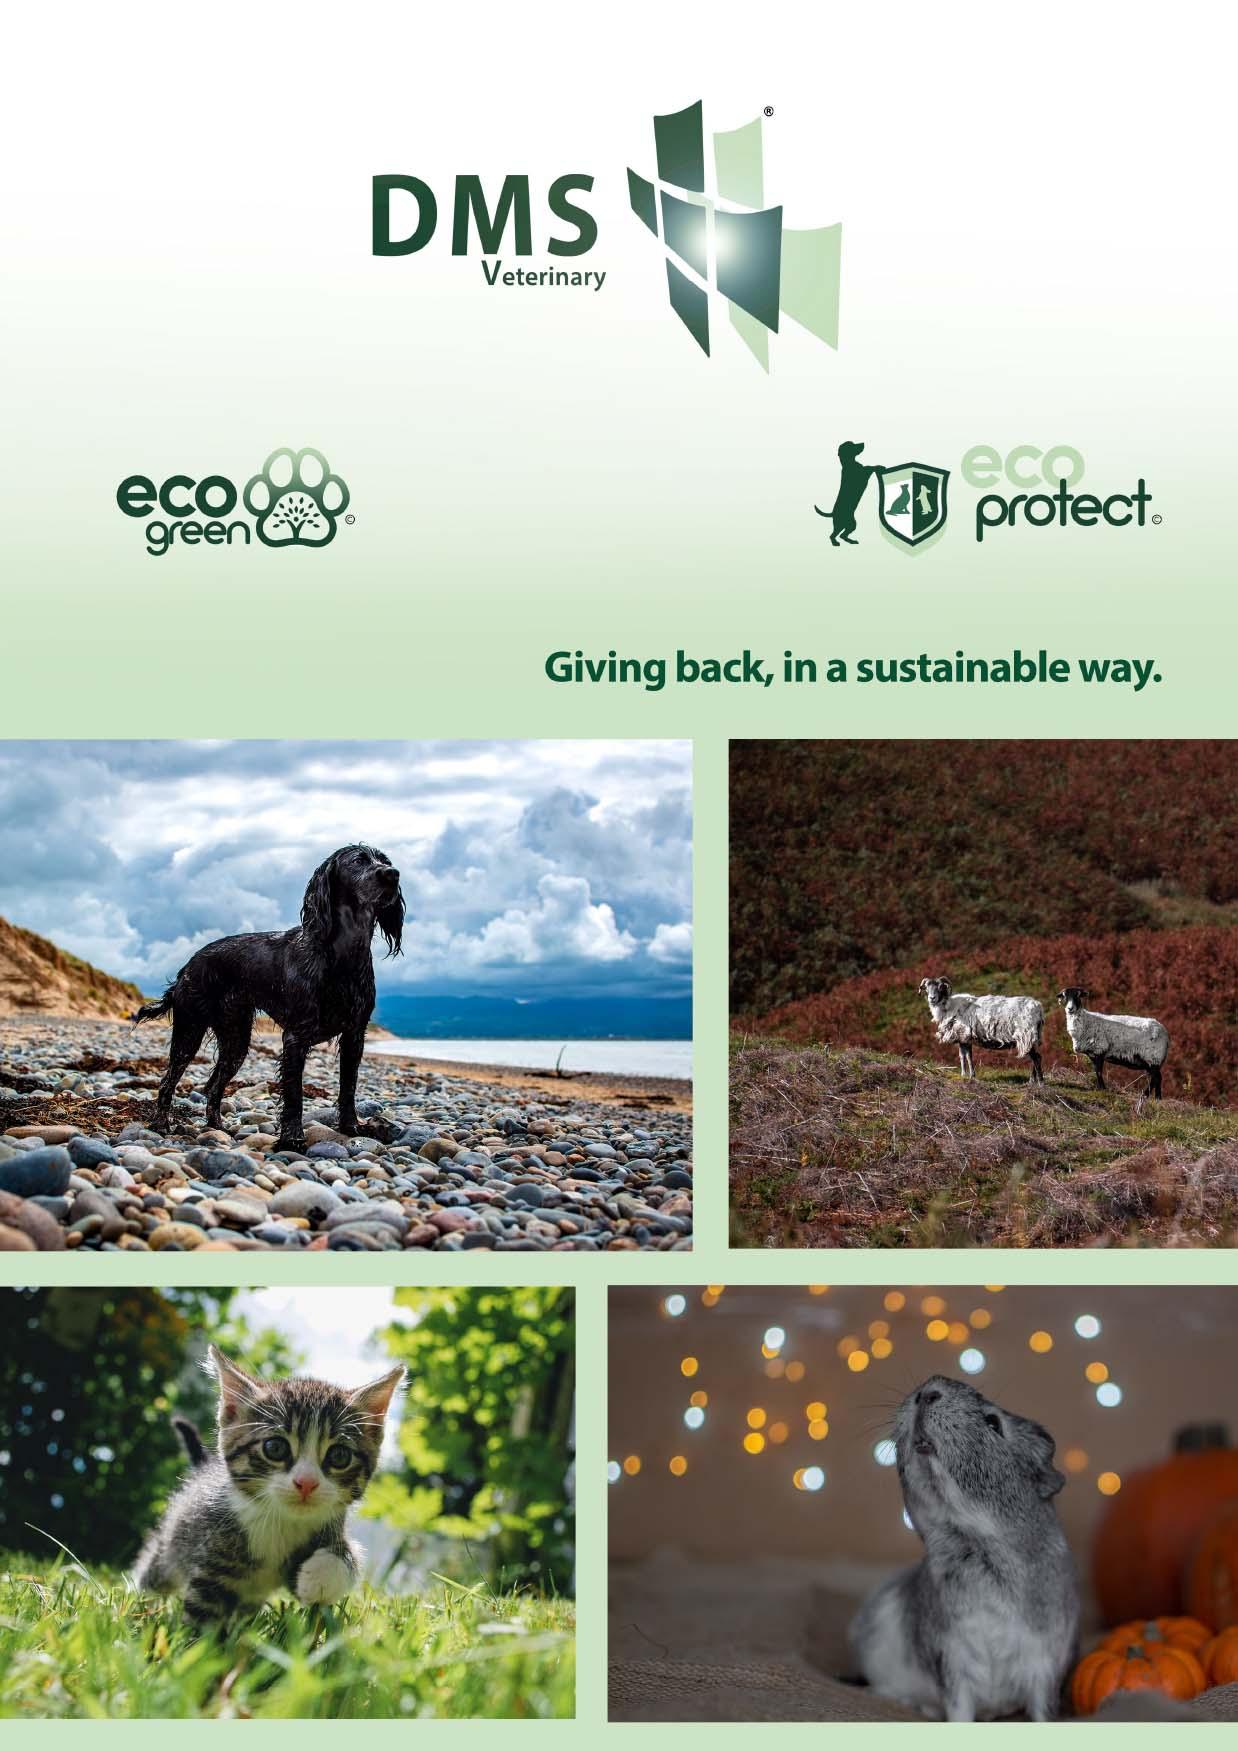 Eco green and Eco protect